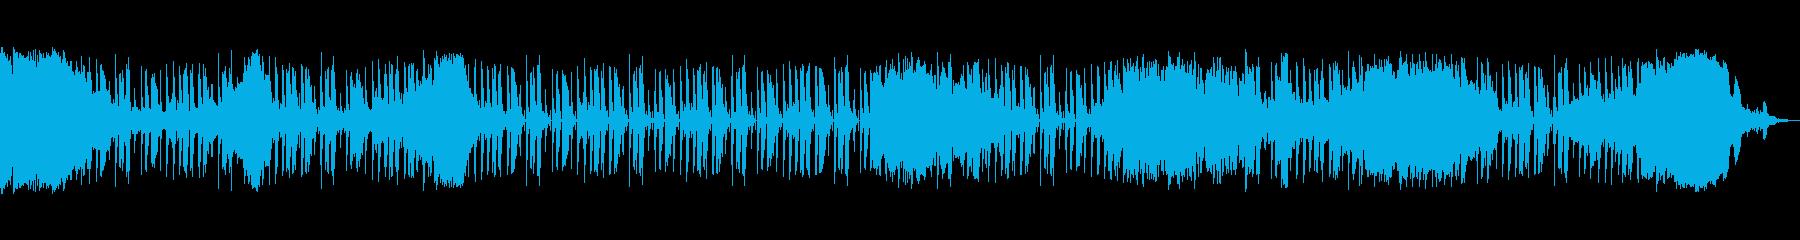 フープスコア2の再生済みの波形